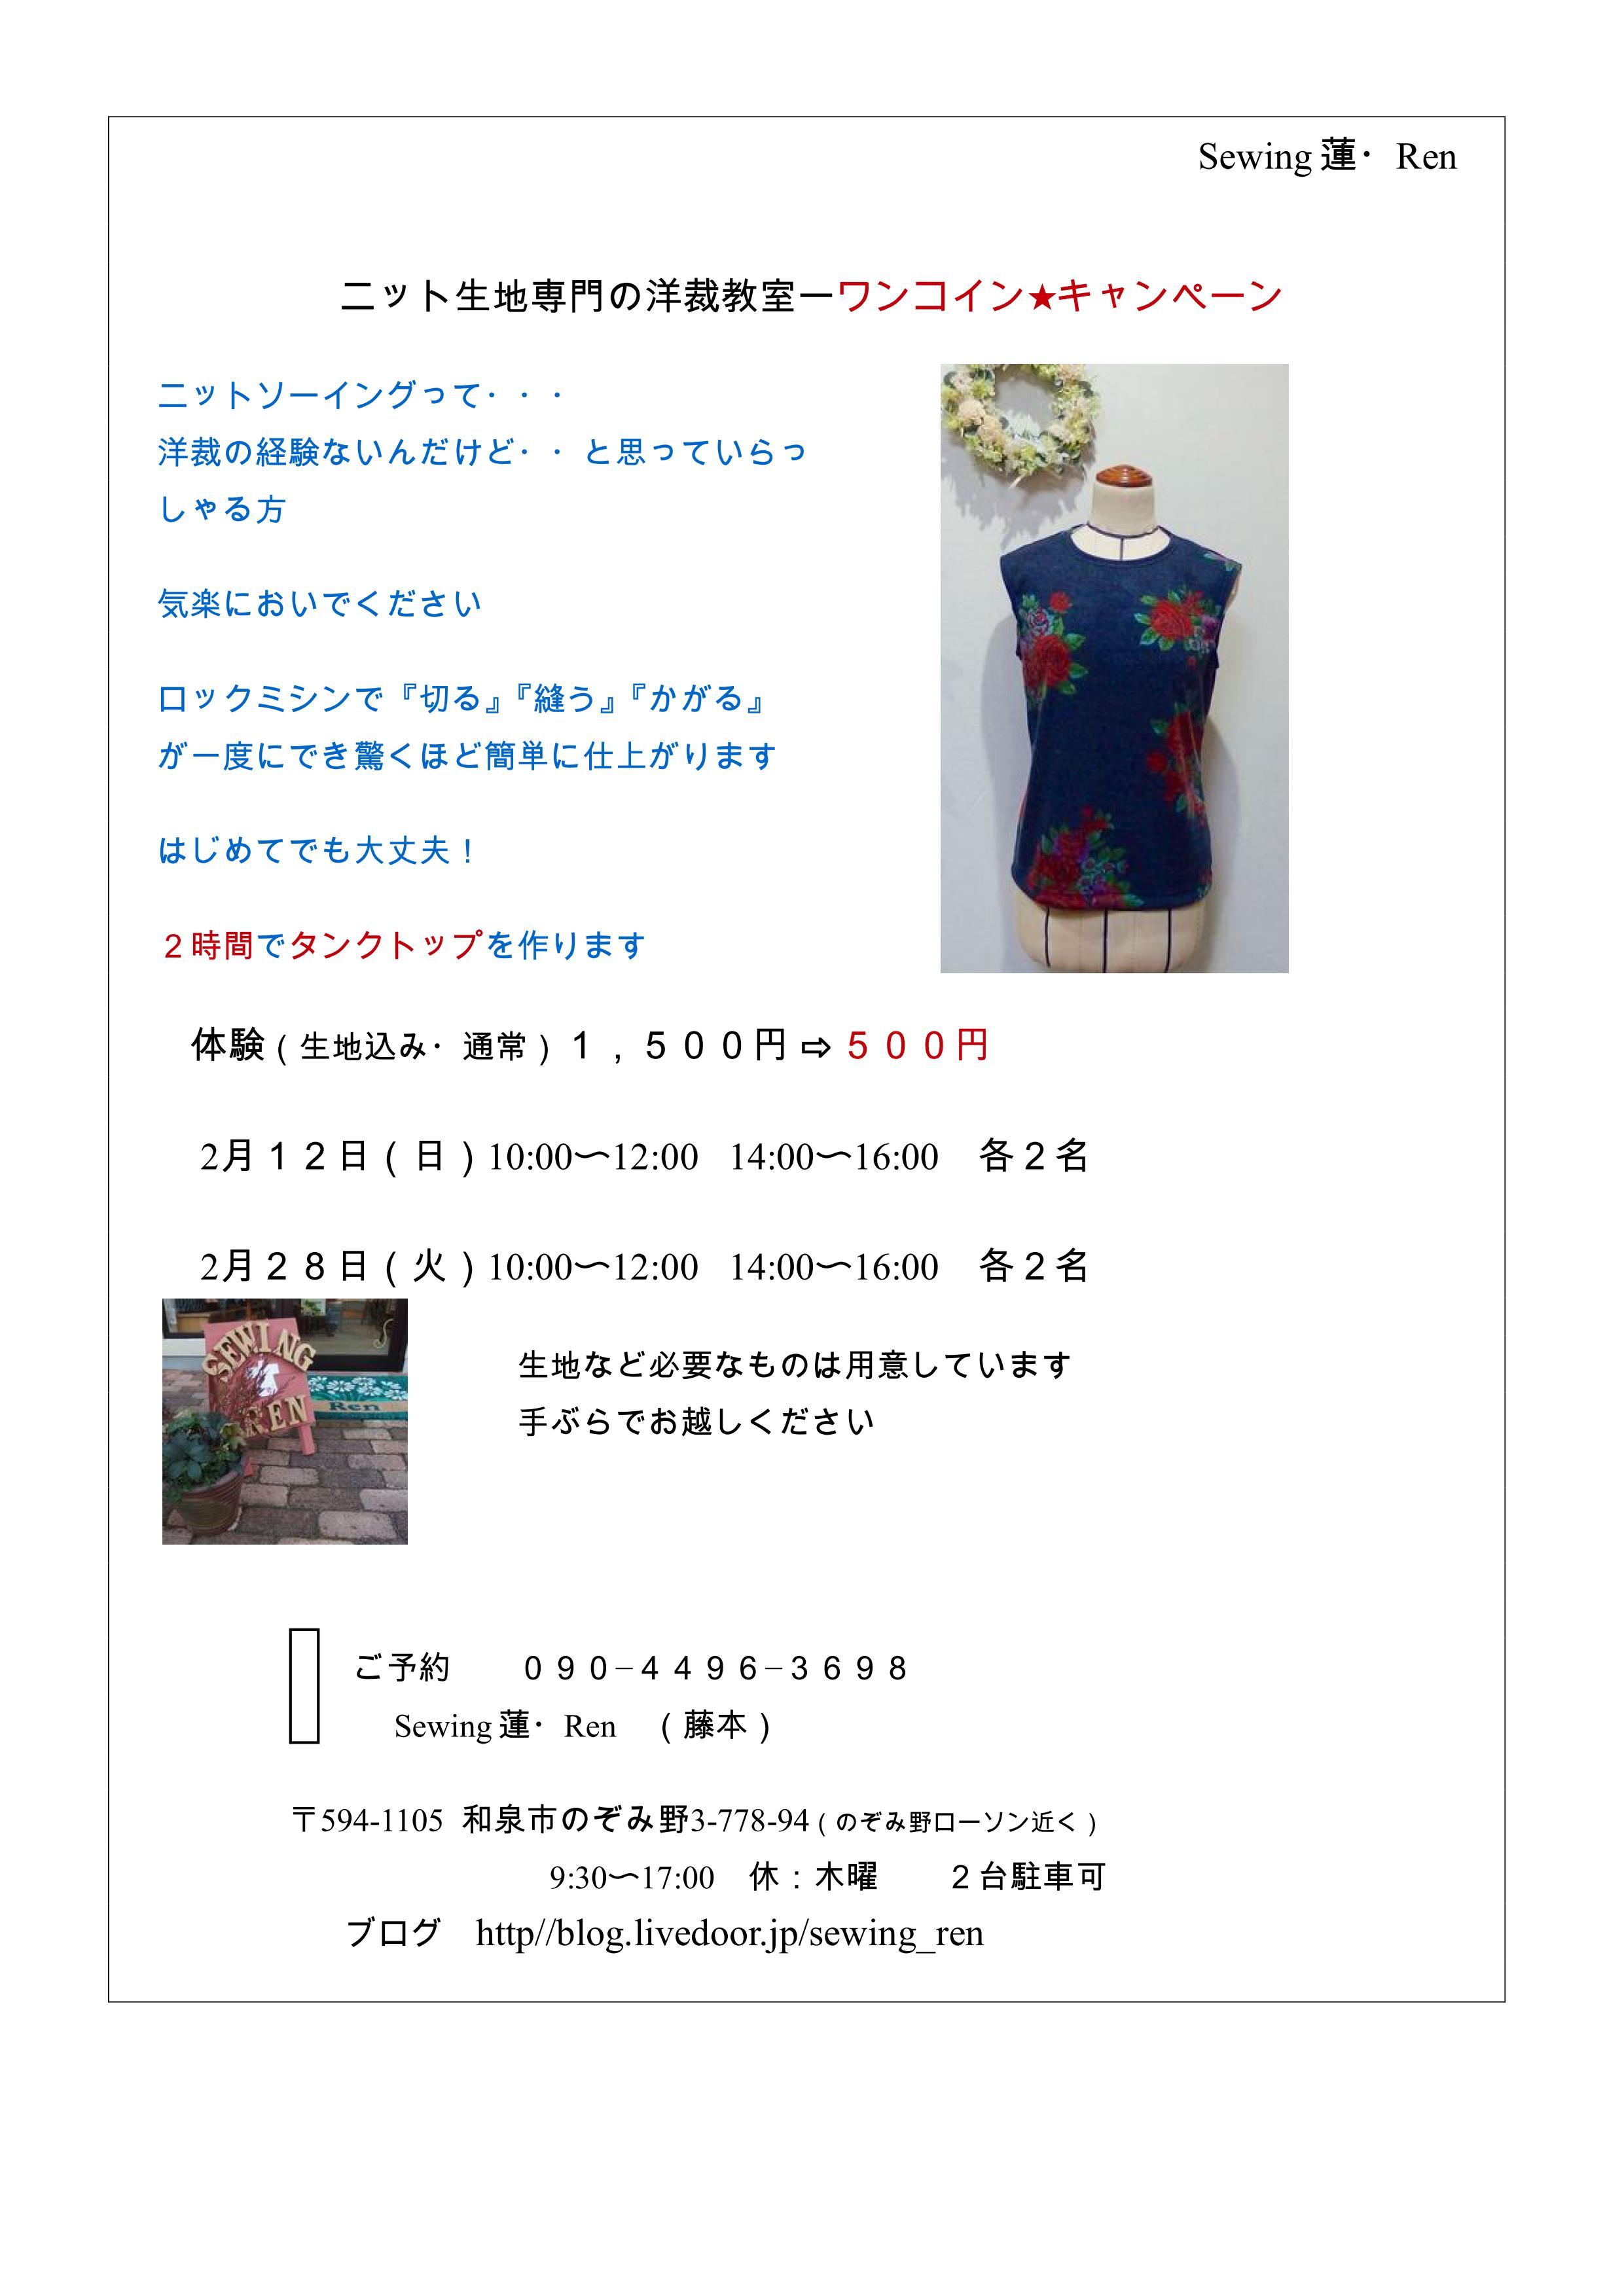 ニット生地専門の洋裁教室 ―ワンコイン★キャンペーン